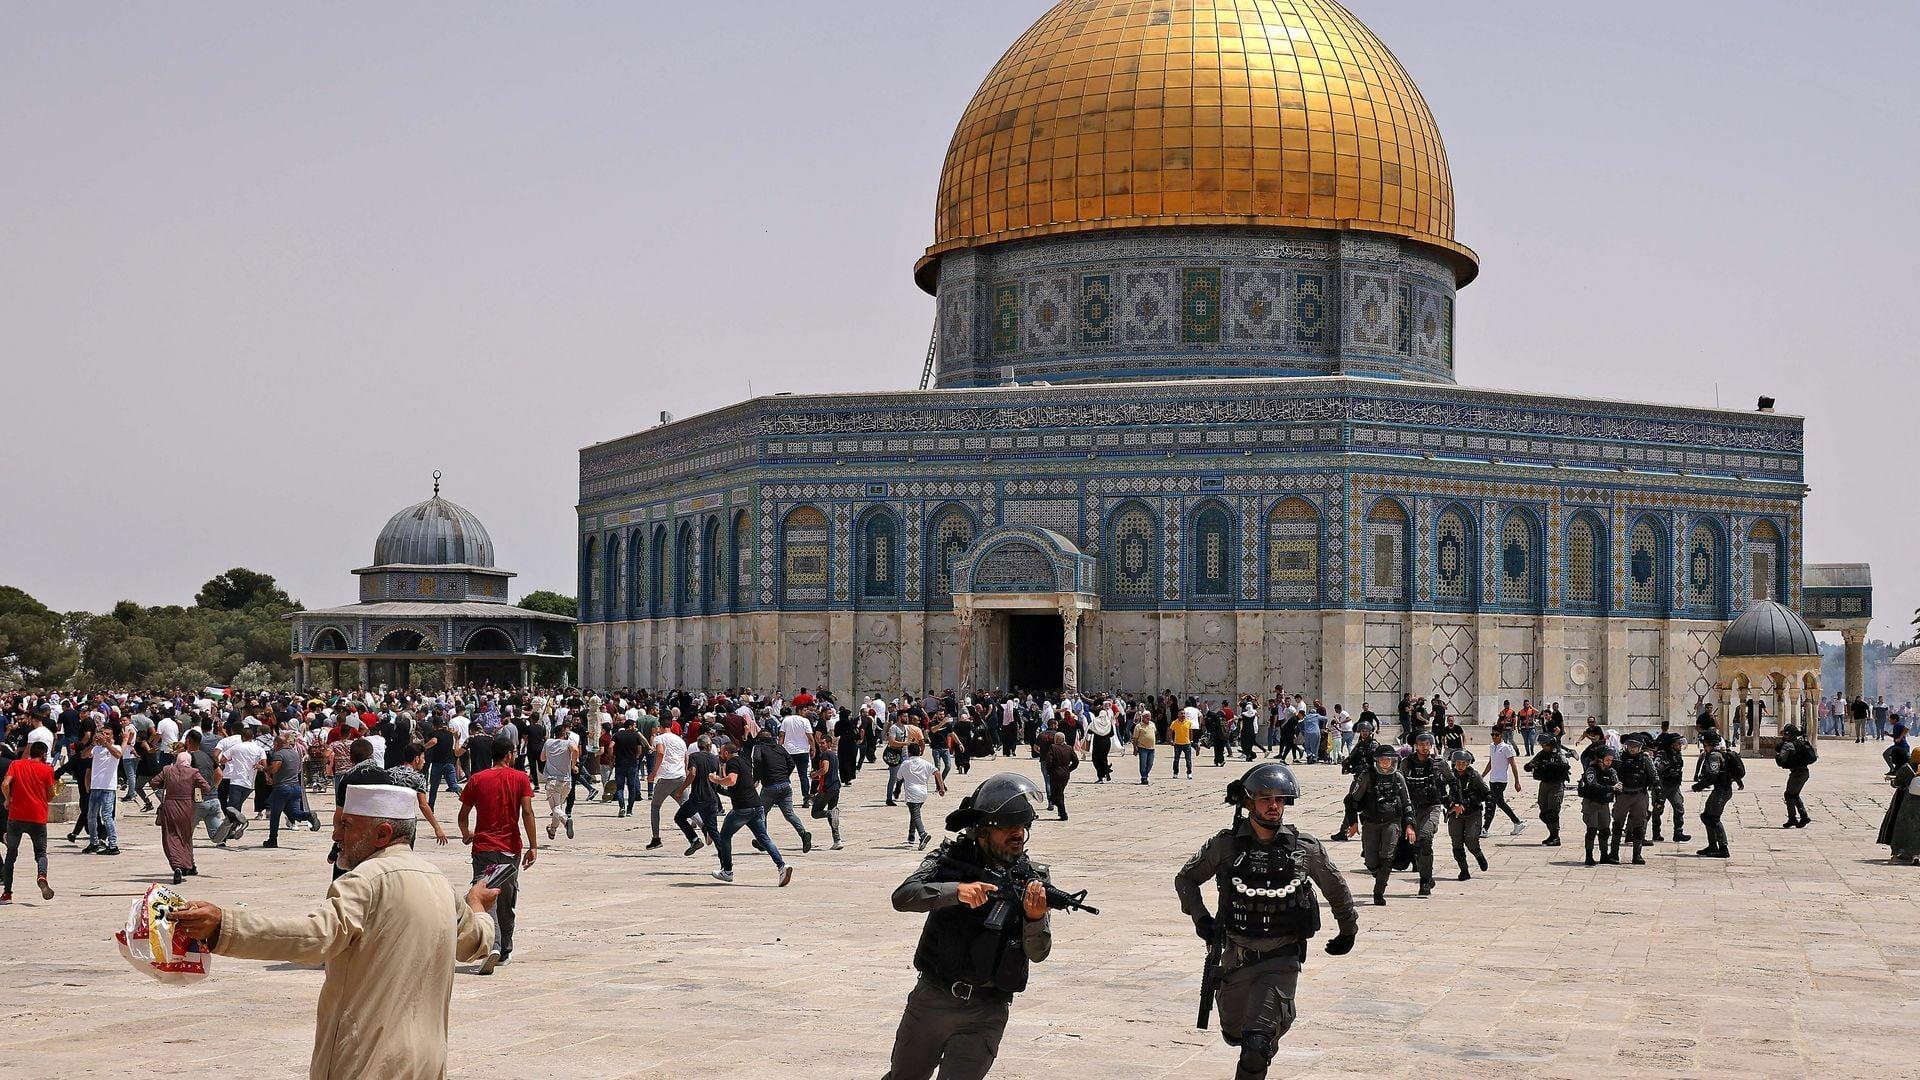 اسرائیلی عدالت نے یہودیوں کو مسجد اقصیٰ میں عبادت کی اجازت دیدی